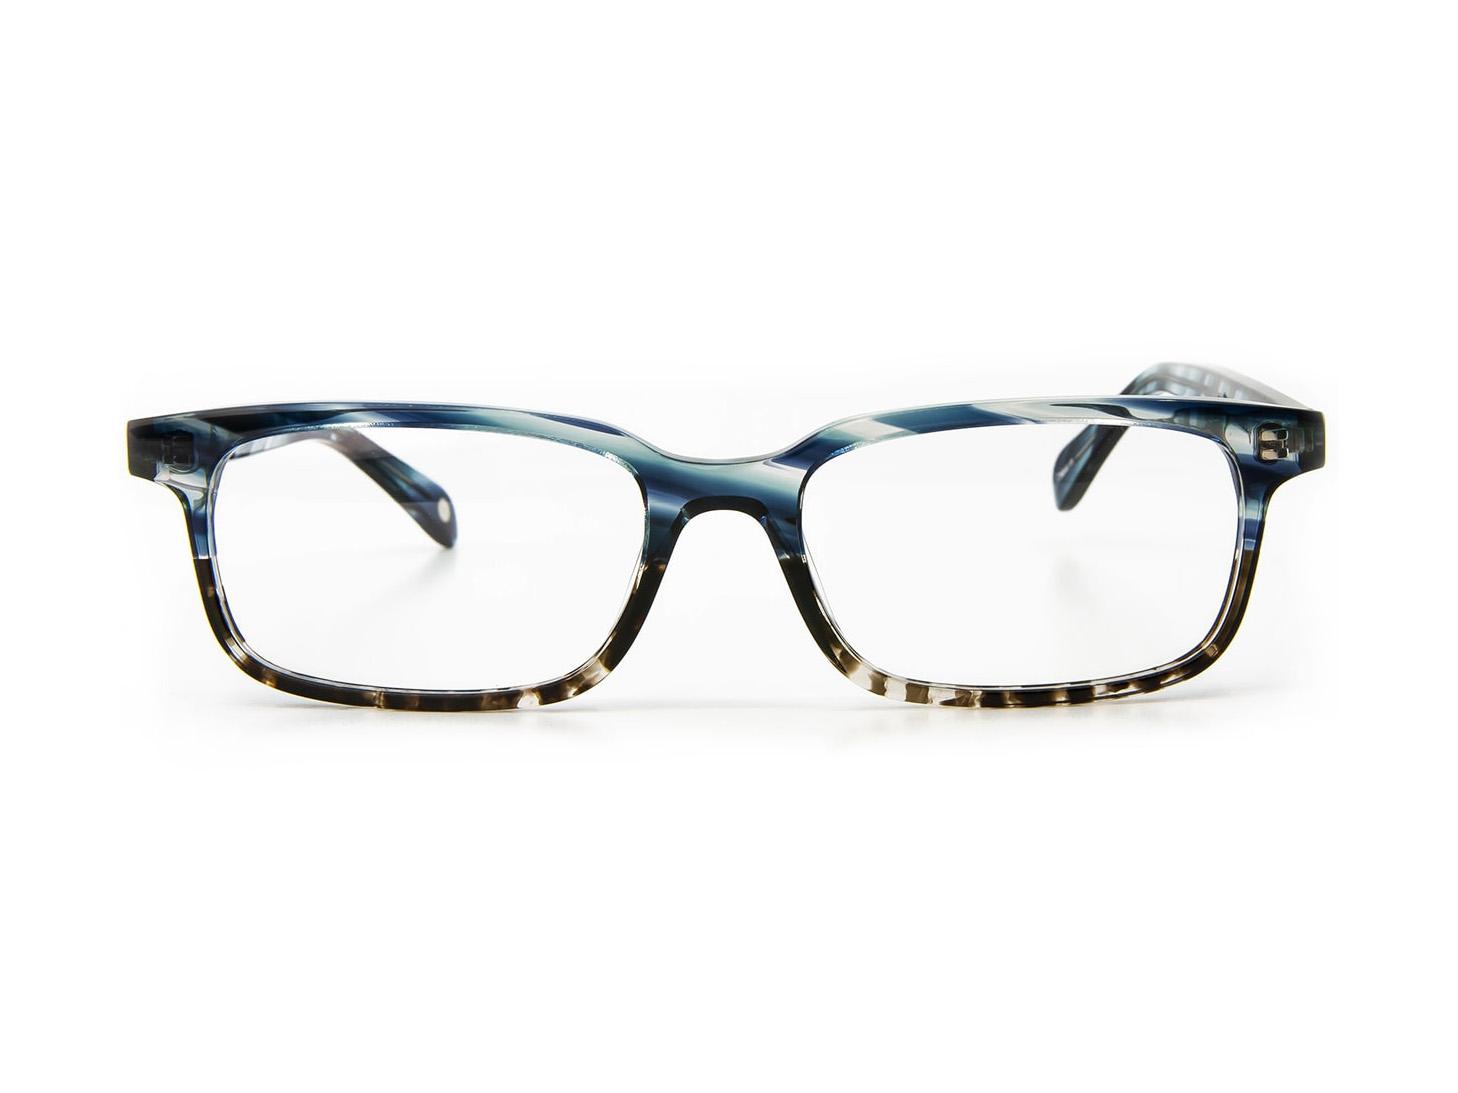 Best Blue Light Glasses - LensDirect Crispin Glasses